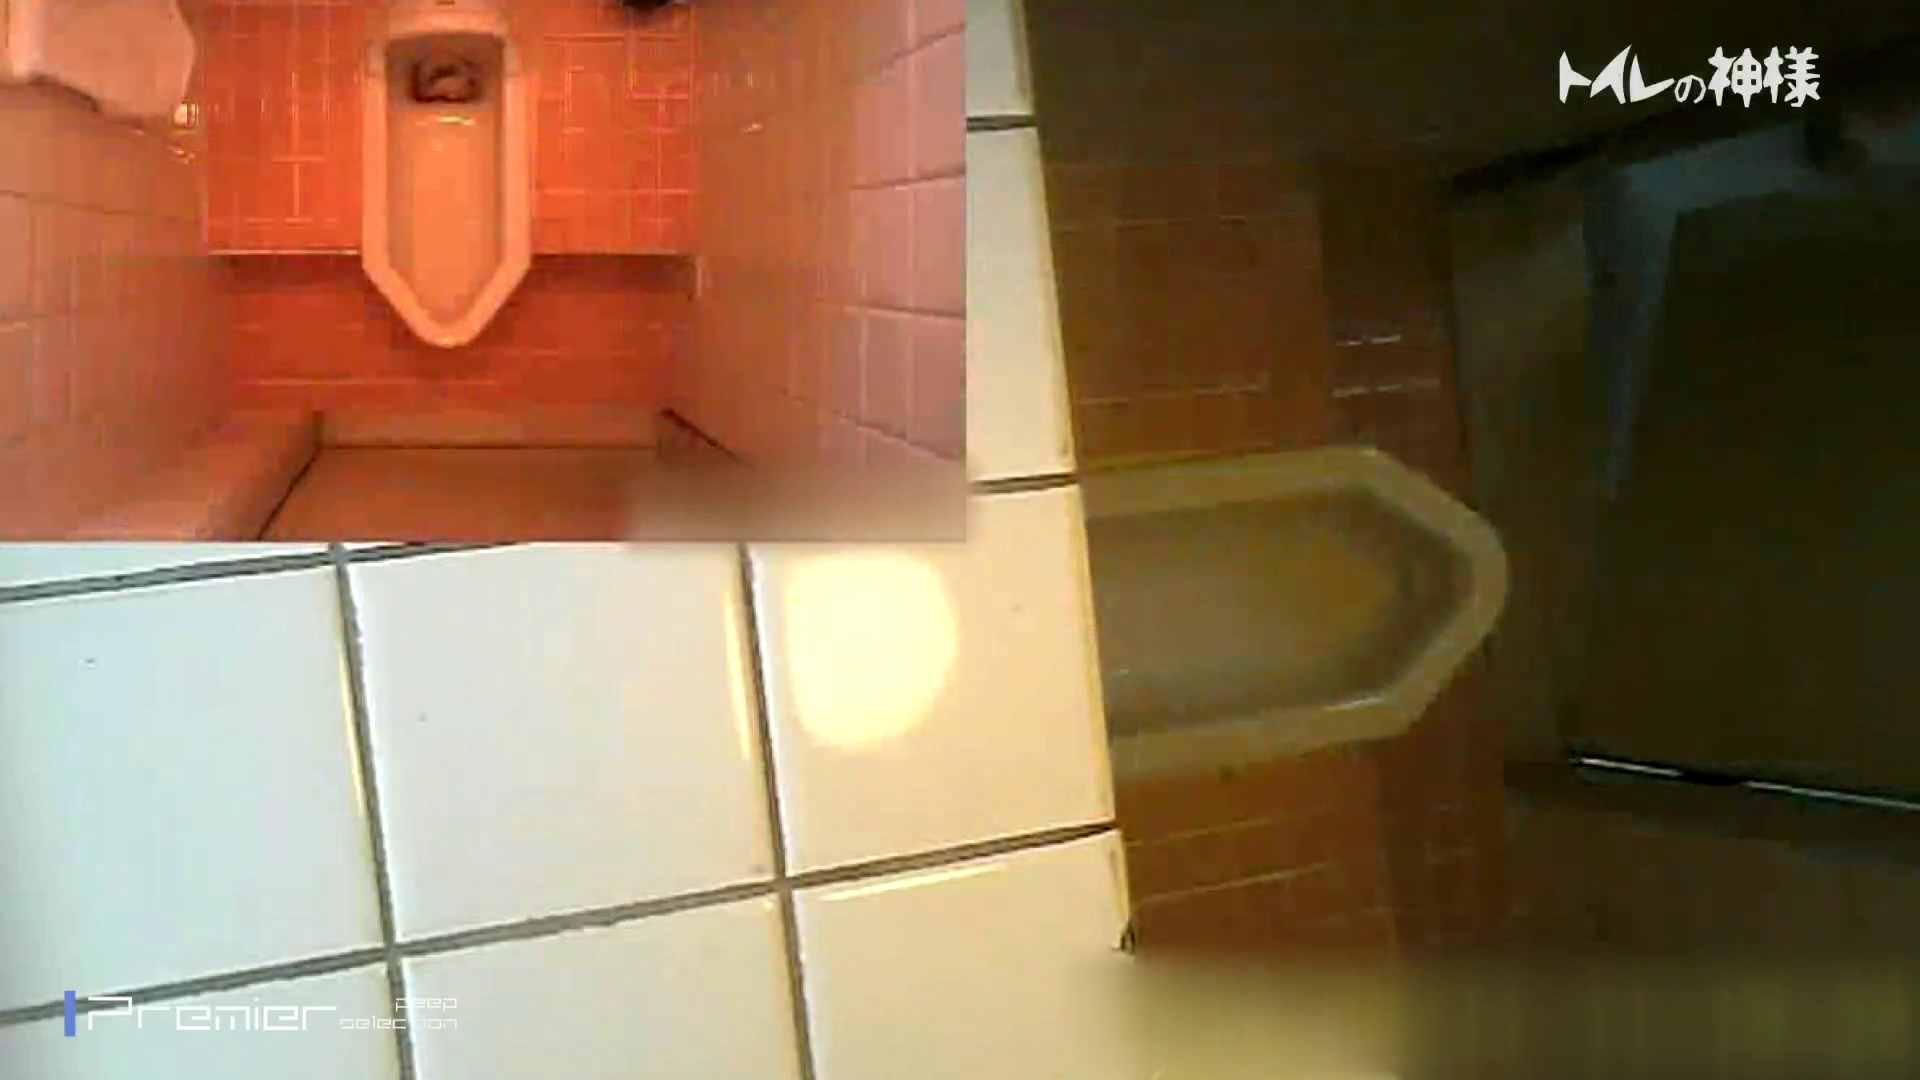 kyouko排泄 うんこをたくさん集めました。トイレの神様 Vol.14 洗面所のぞき われめAV動画紹介 92枚 26